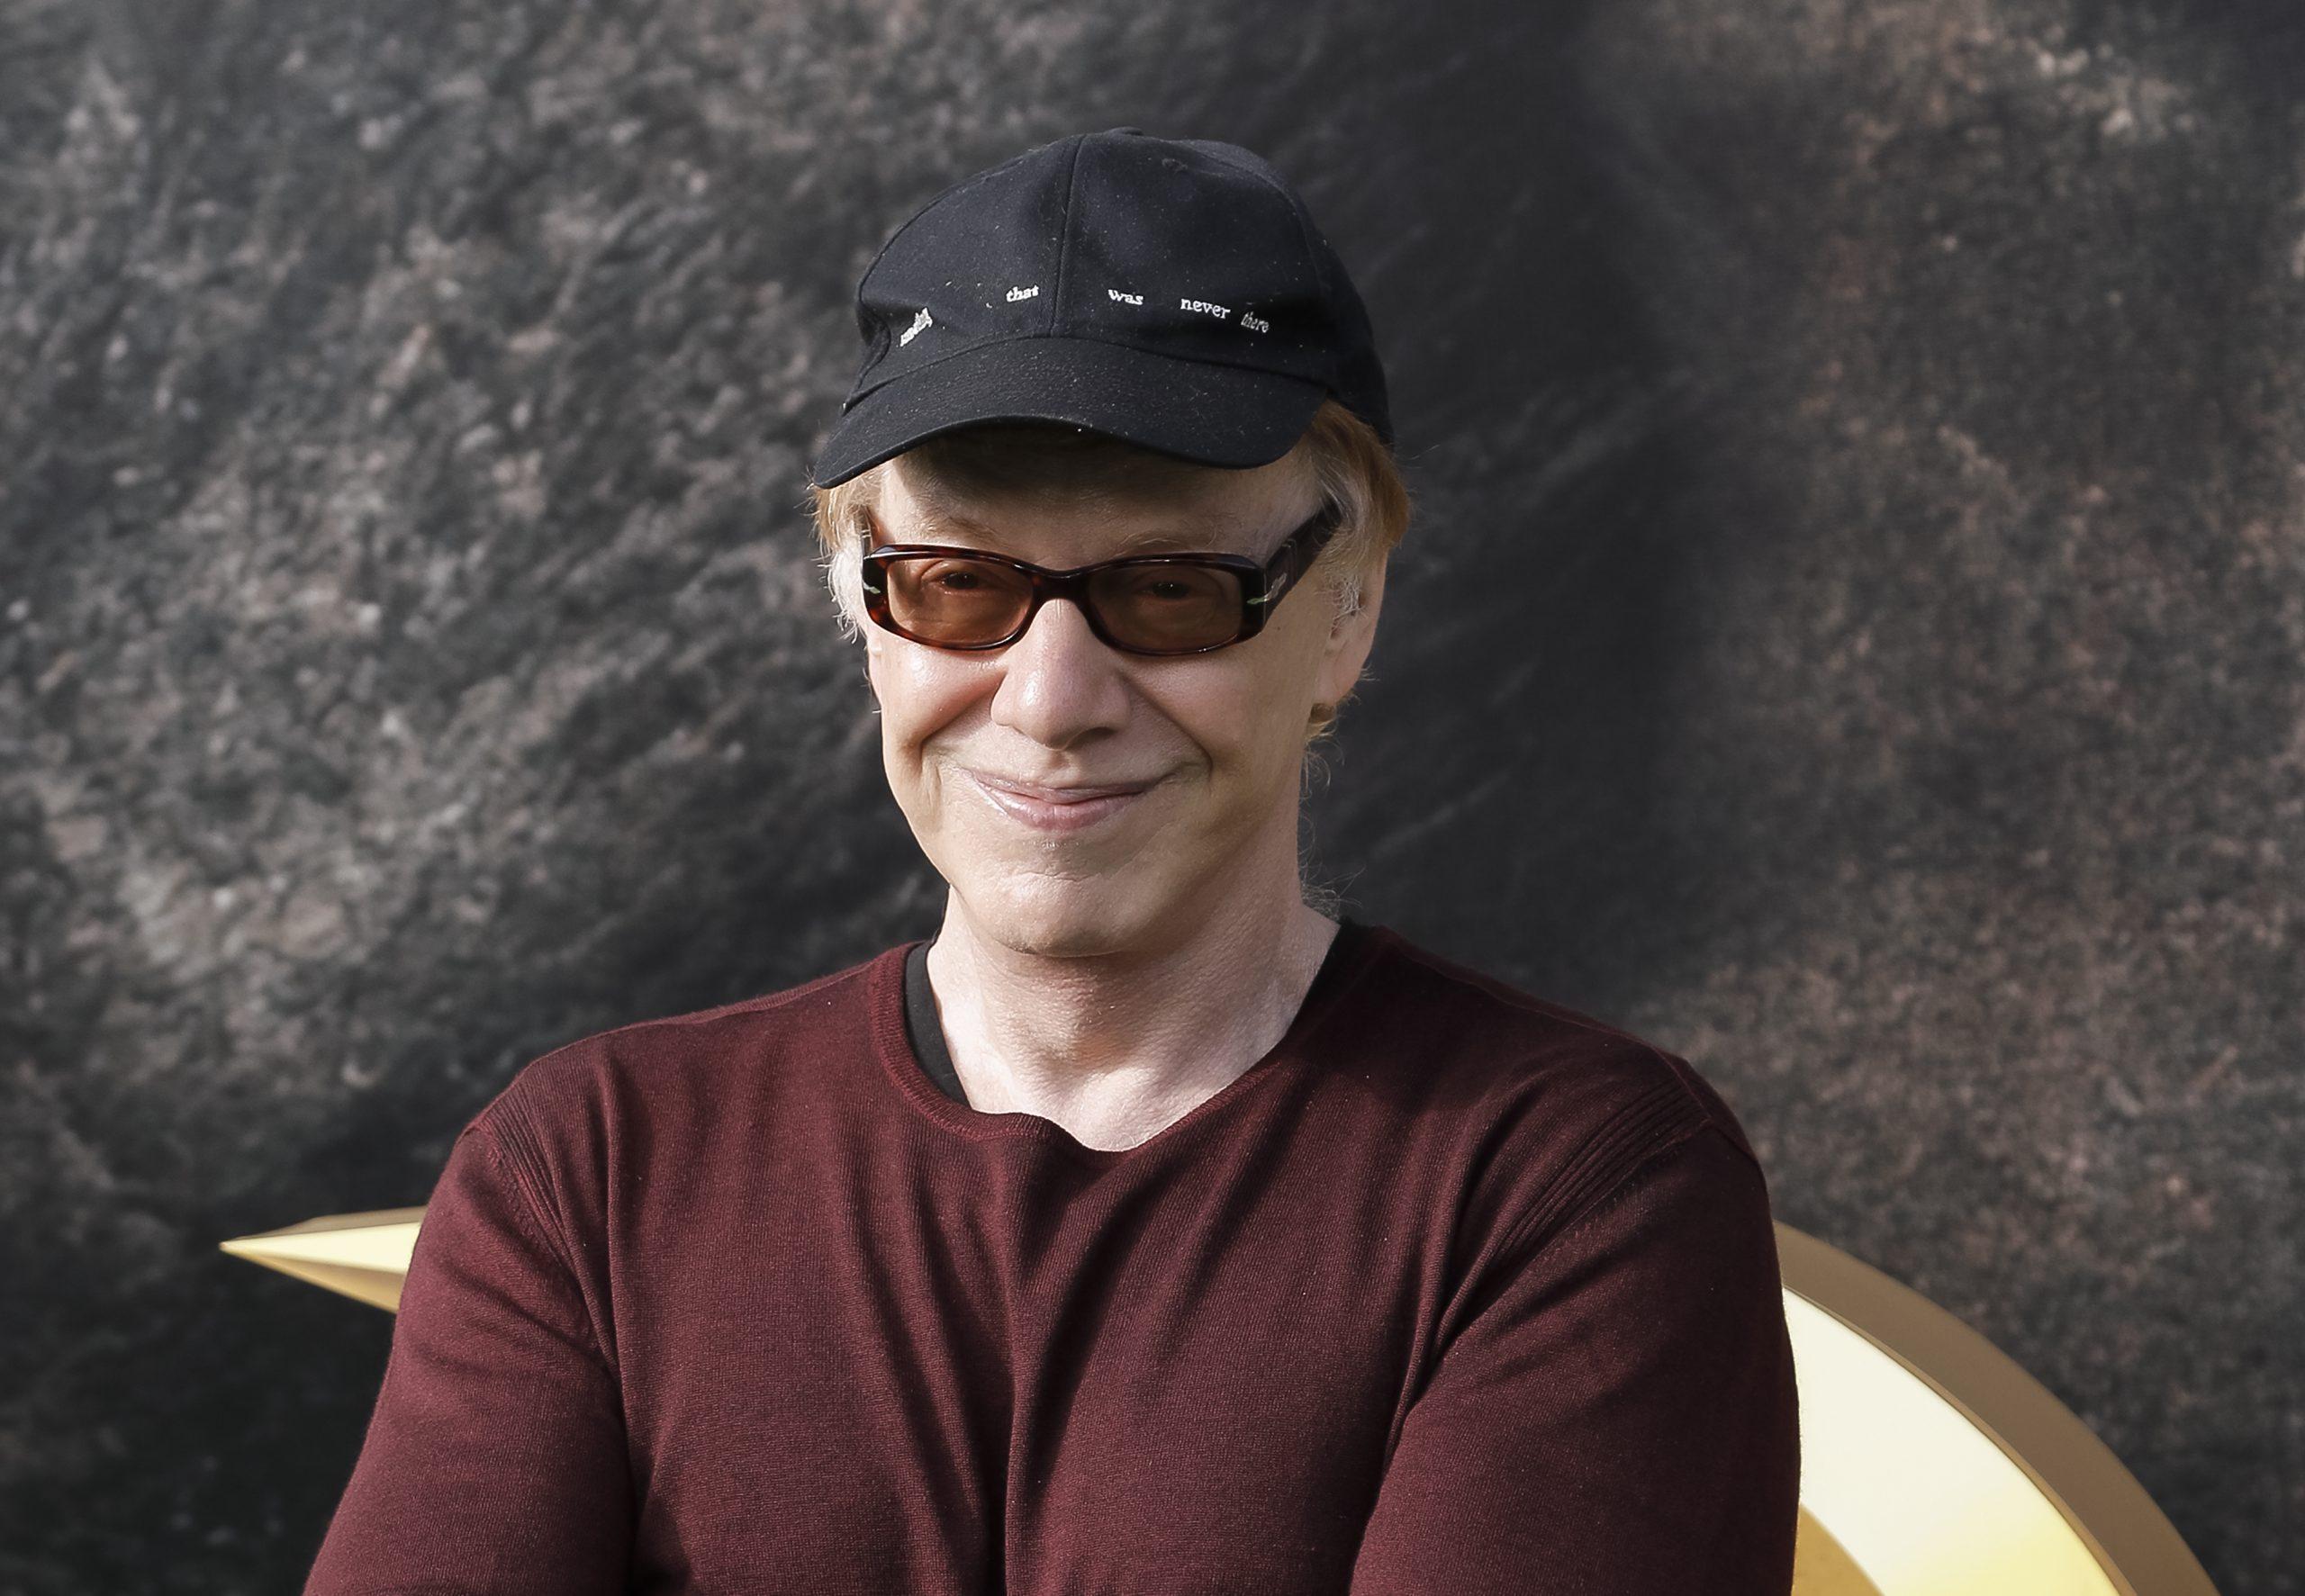 Danny Elfman lance une vidéo réalisée par le collaborateur Björk et FKA Twigs